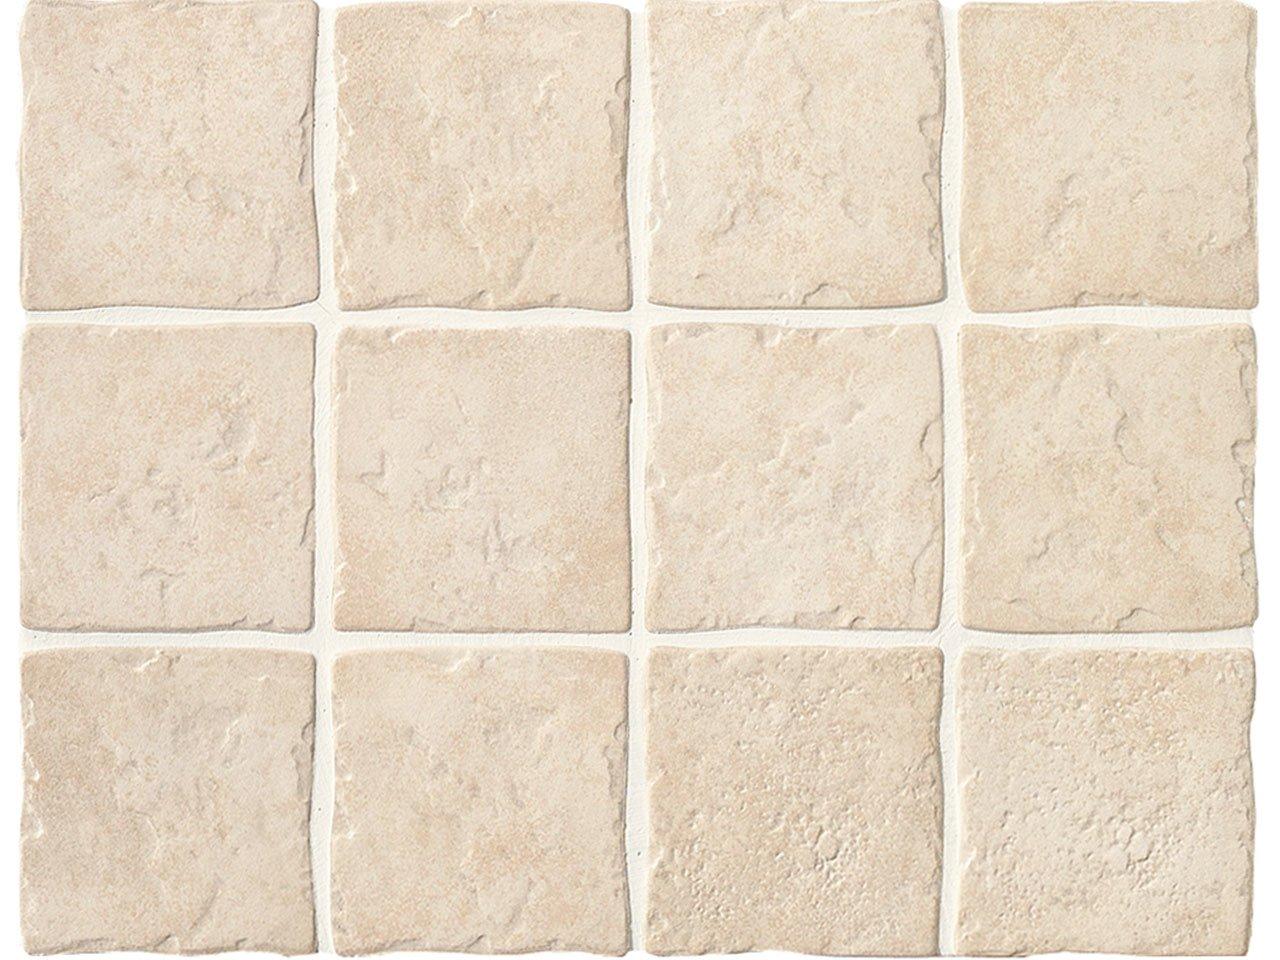 Zanzibar bianco sfuso 10x10 iperceramica - Piastrelle rivestimento cucina 10x10 ...